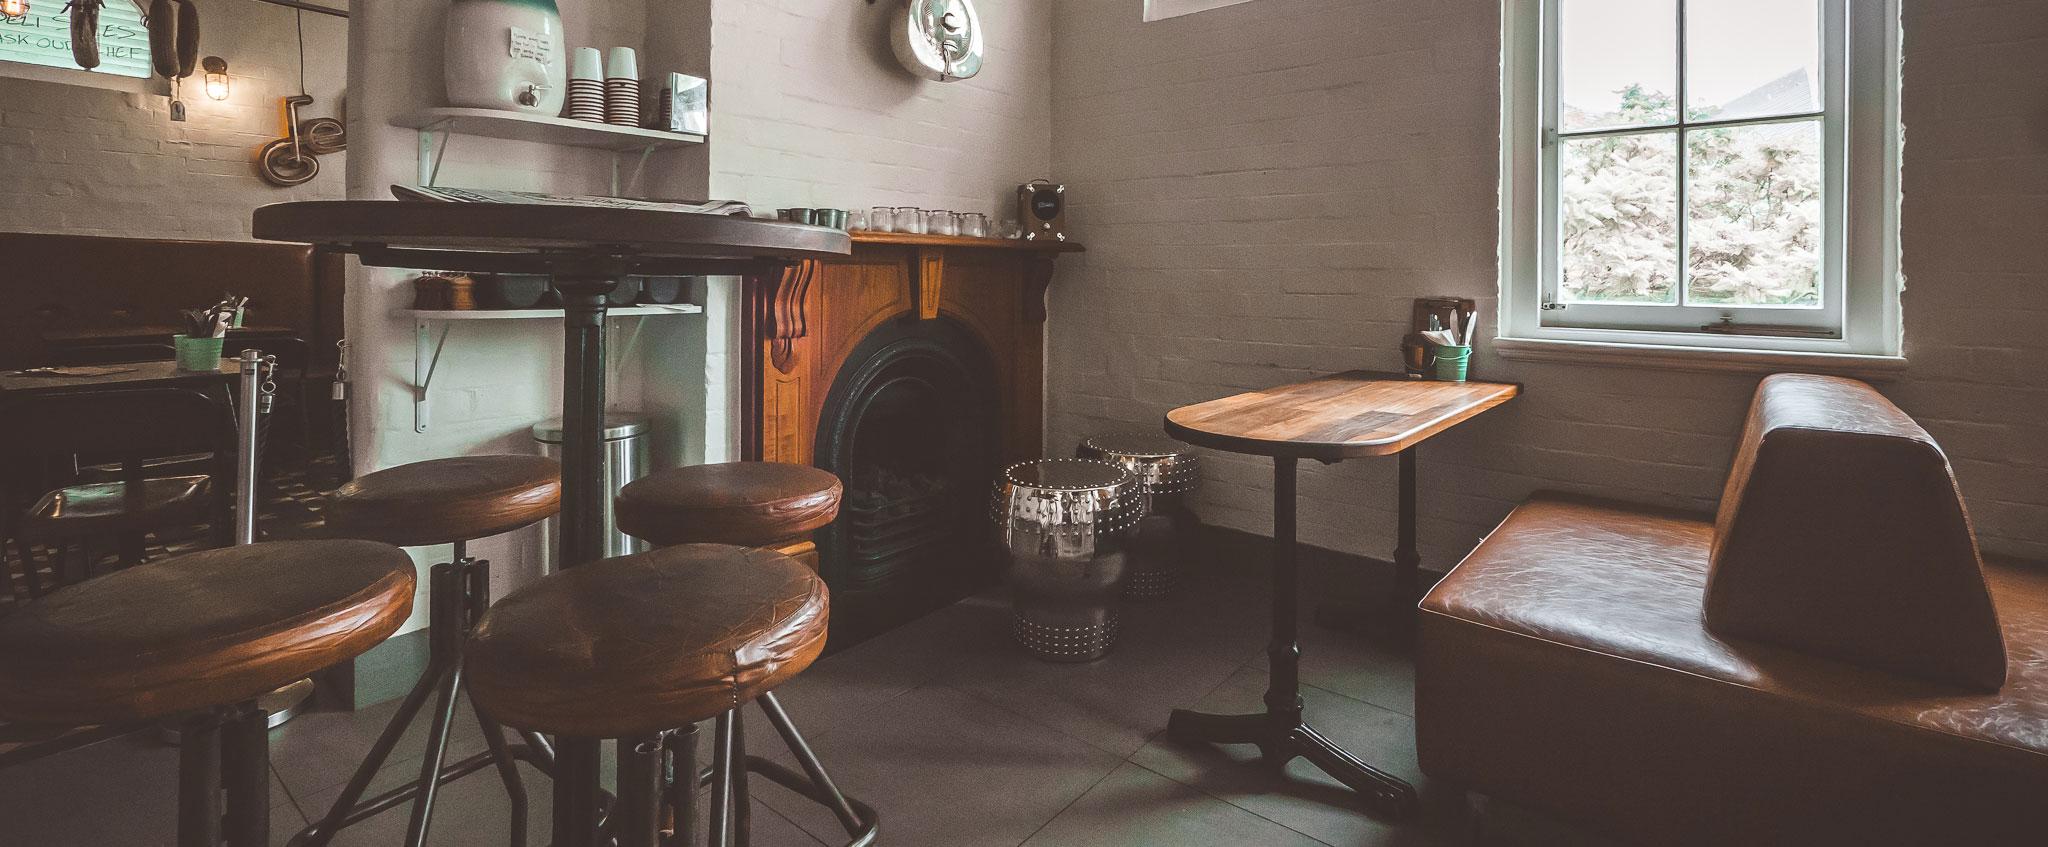 Abattoir Blues Restaurant Cafe Bar Sydney Olympic Park